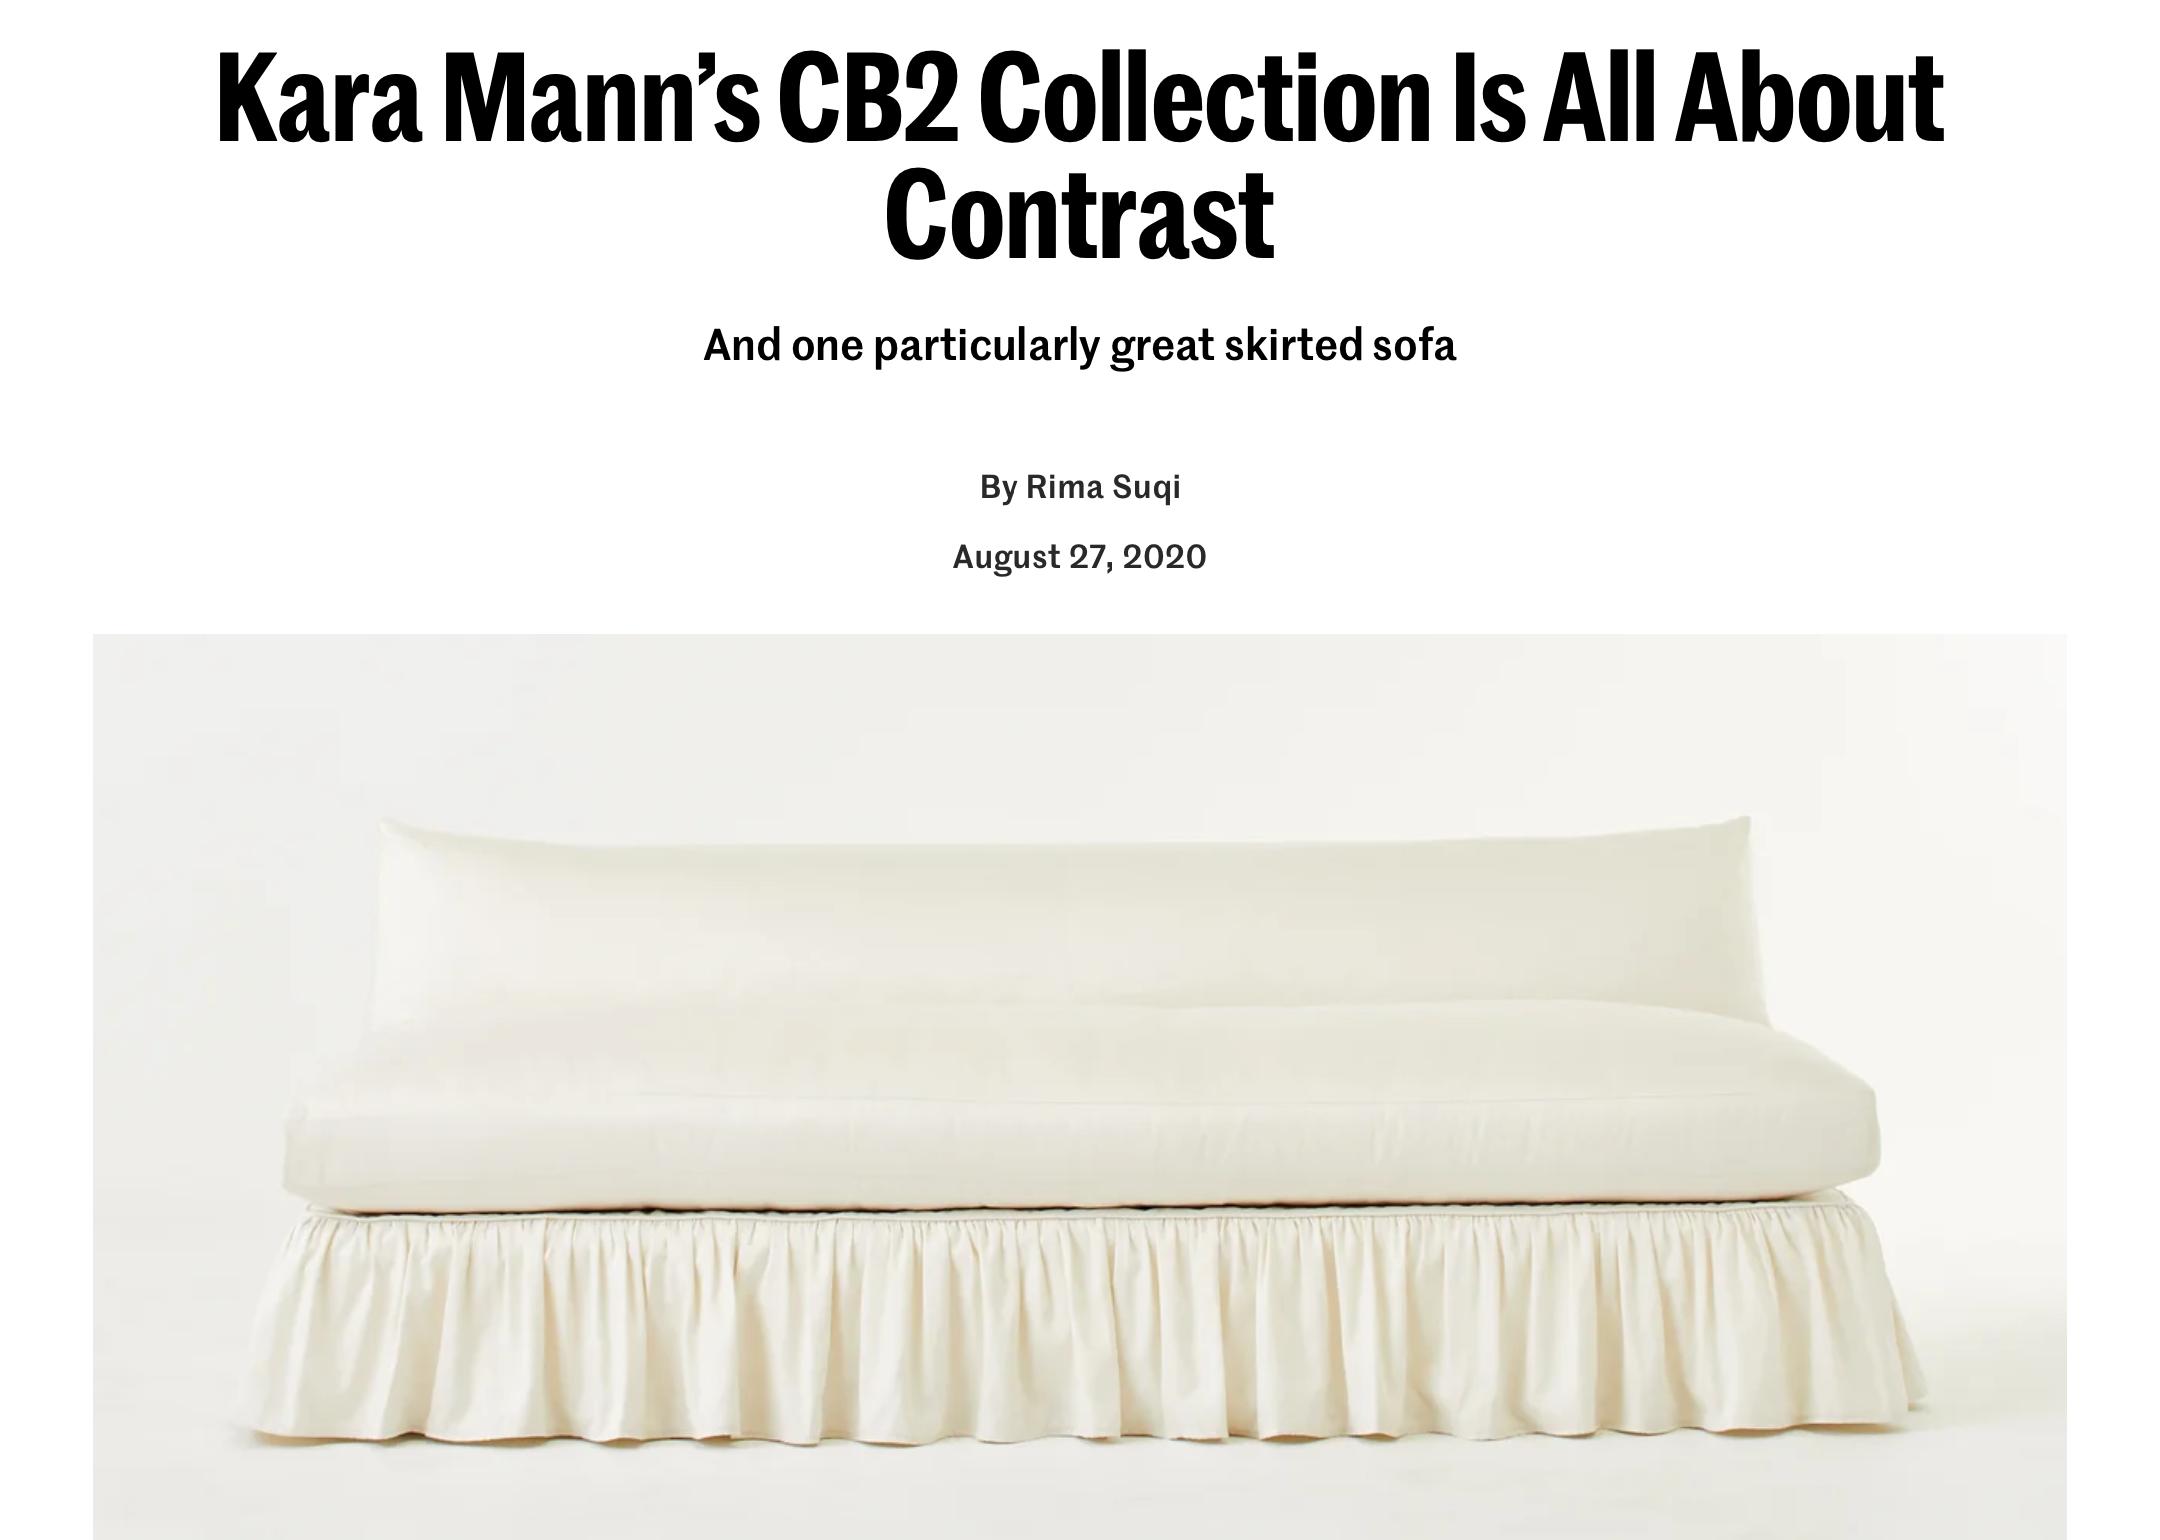 Kara Mann for CB2, Rima Suqi, ADPRO